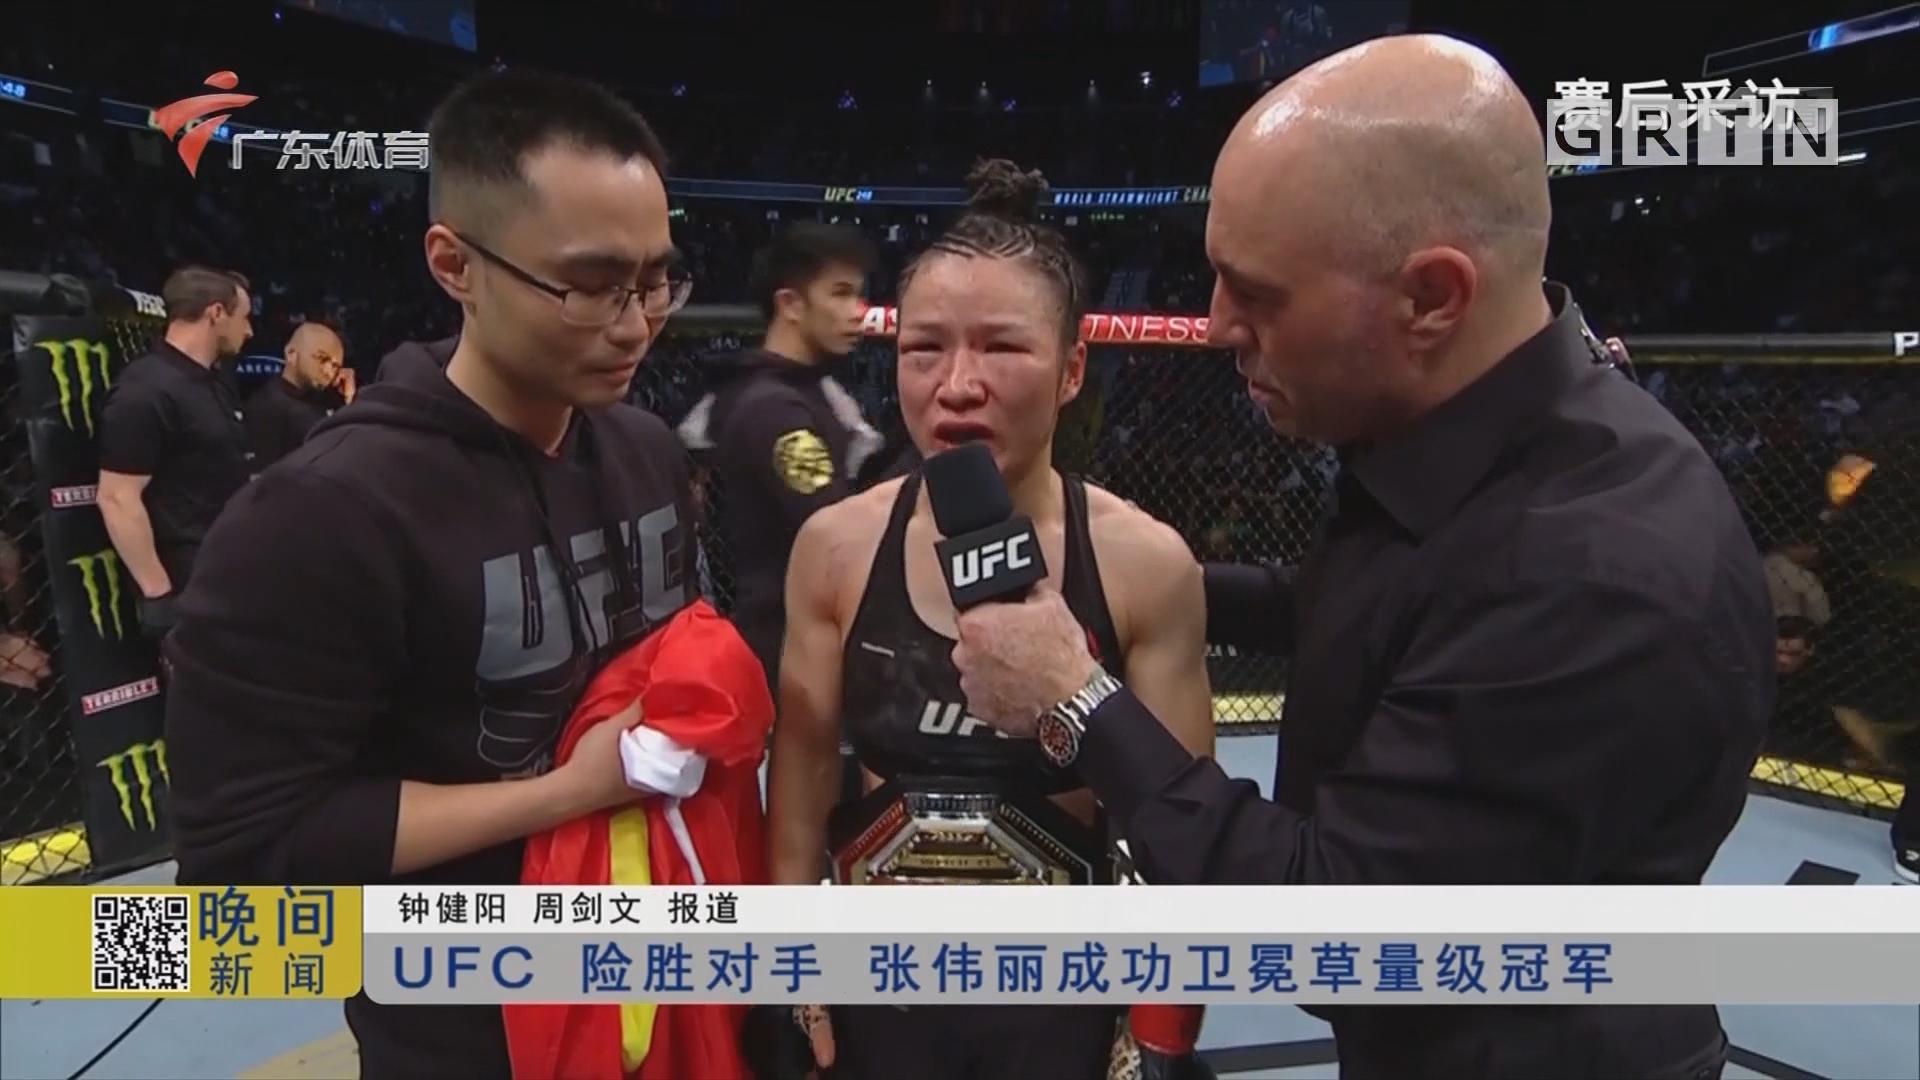 UFC 险胜对手 张伟丽成功卫冕草量级冠军